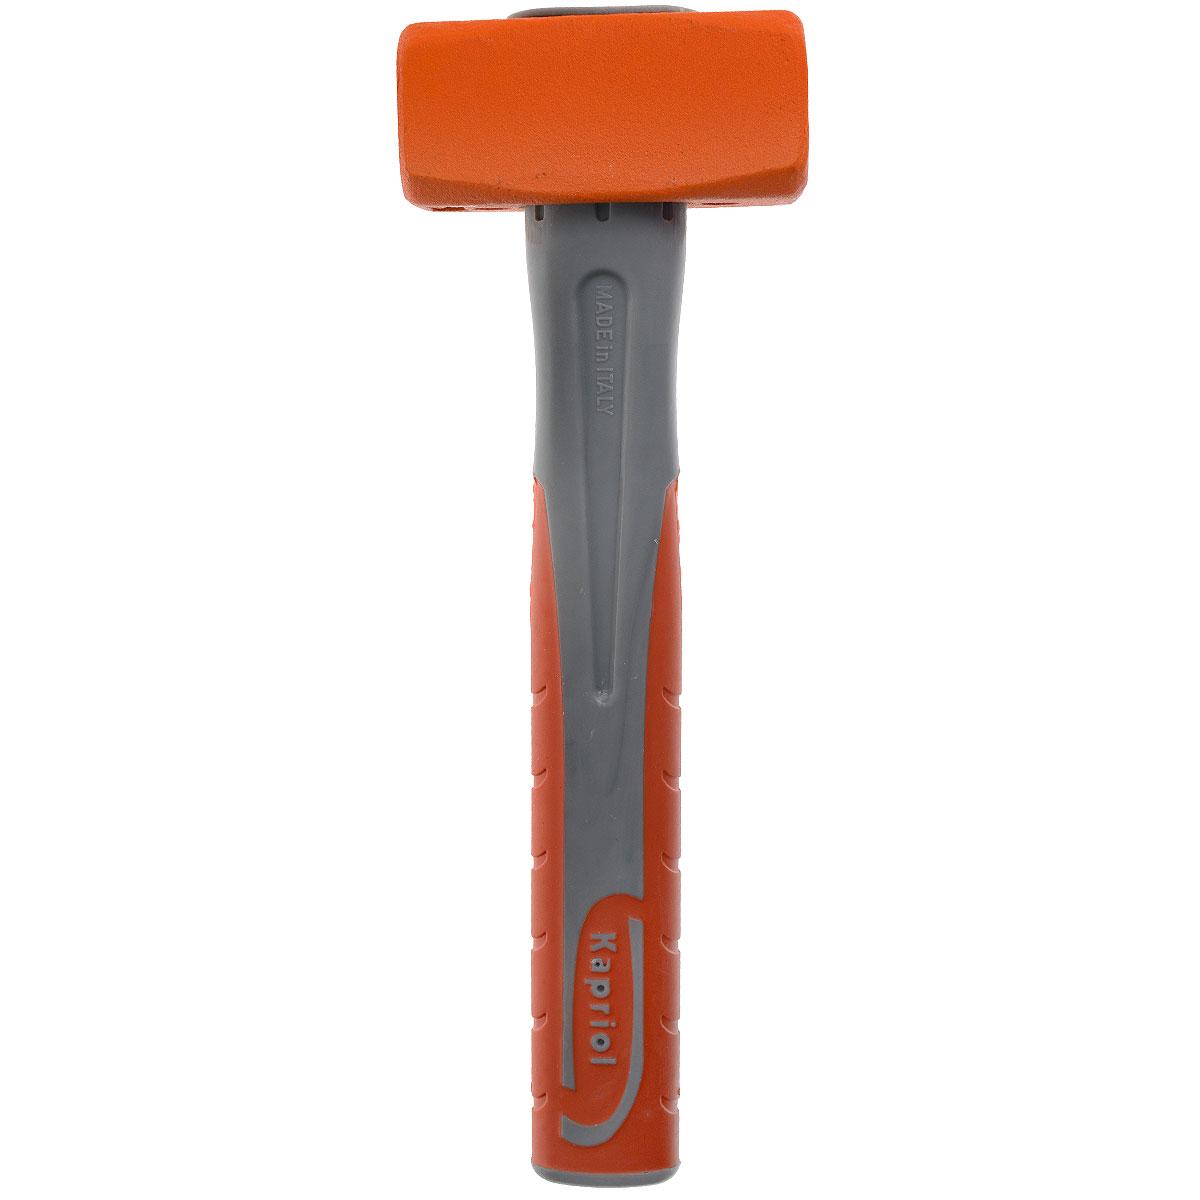 Кувалда Kapriol, длина 28 см, 1000 г2706 (ПО)Кувалда Kapriol предназначена для нанесения исключительно сильных ударов при обработке металла, на демонтаже и монтаже конструкций.Особенности кувалды:Водоотталкивающие покрытие для работы в любых погодных условиях; Материал головки кувалды - легированная сталь с присадками никеля, хрома и молибдена, что обеспечивает высокую прочность и вязкость; Термическая обработка головки повышает ударопрочность и увеличивает срок службы; Поверхностный слой головки закален, что обеспечивает высокую твердость молотка; Головка соединена с рукояткой с помощью эпоксидного клея; Корпус рукоятки изготовлен из стальной трубы; Эргономичный прорезиненный чехол рукоятки выполняет функцию вибропоглощения; Рукоятка имеет форму соответствующую очертаниям руки, что повышает точность удара и снижает усталость при работе. Характеристики: Материал: сталь, резина. Длина: 28 см. Вес: 1 кг. Размеры кувалды: 28 см х 9 см х 4 см.